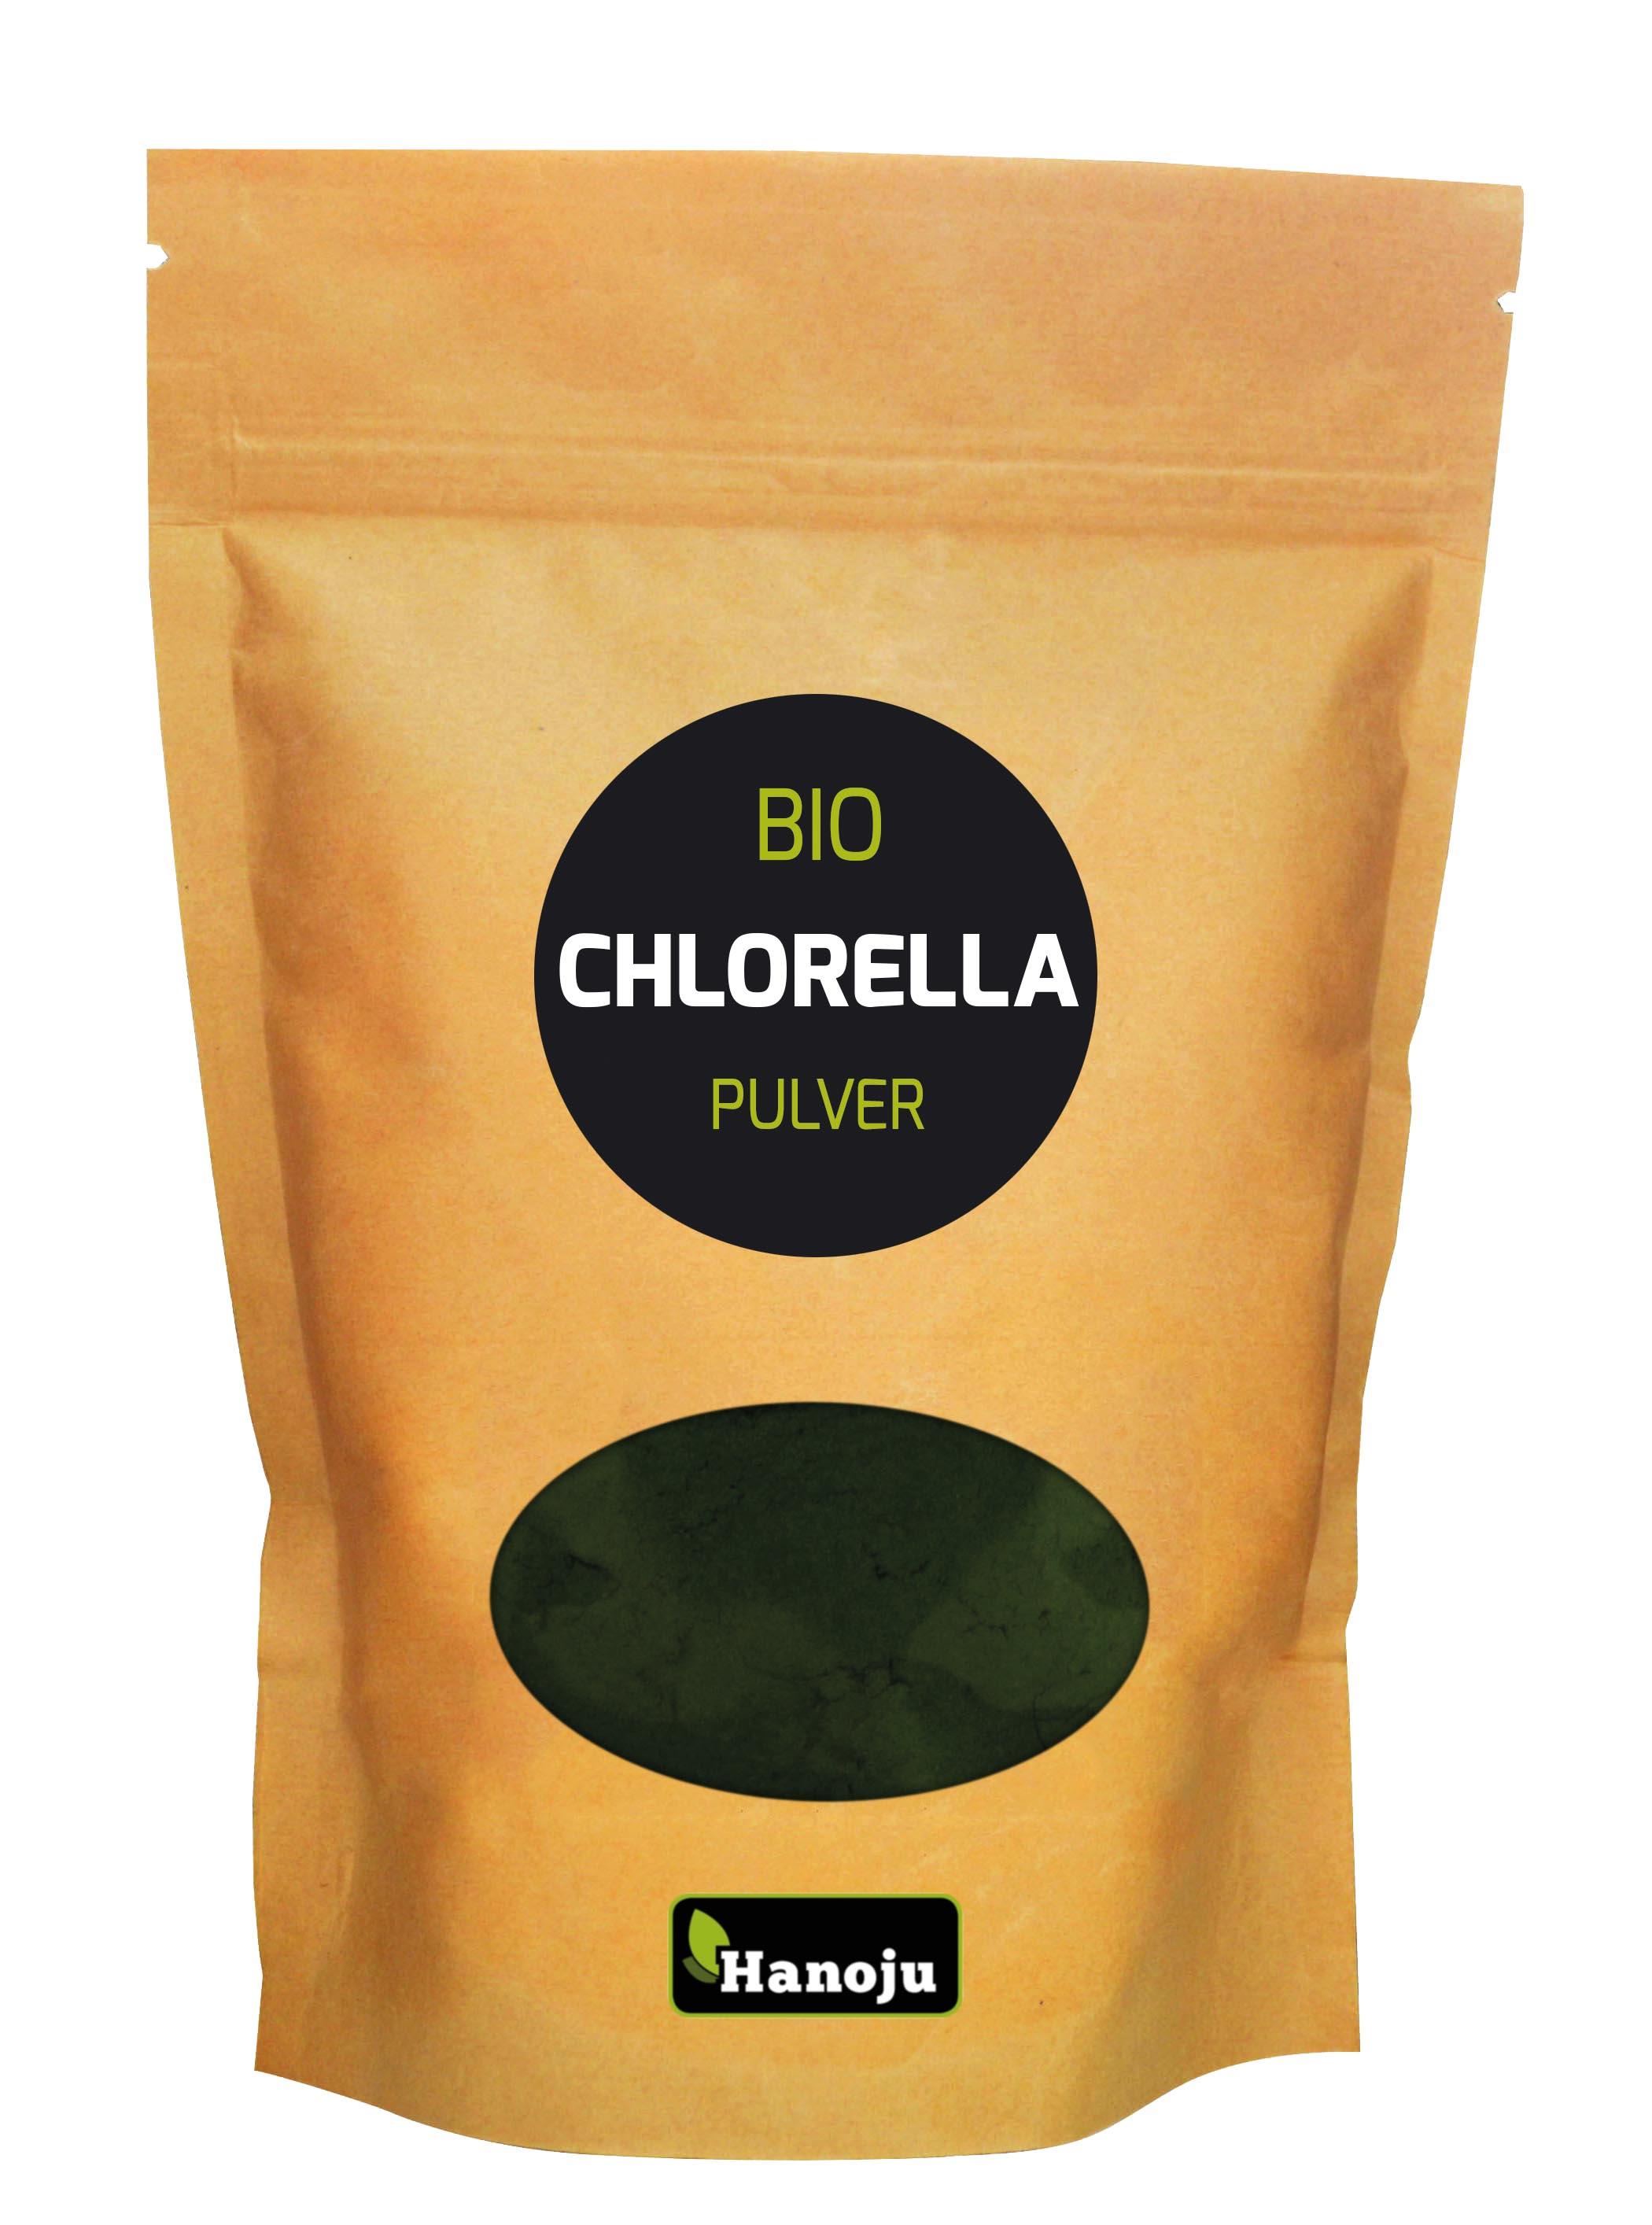 Hanoju Chlorella Pulver Bio